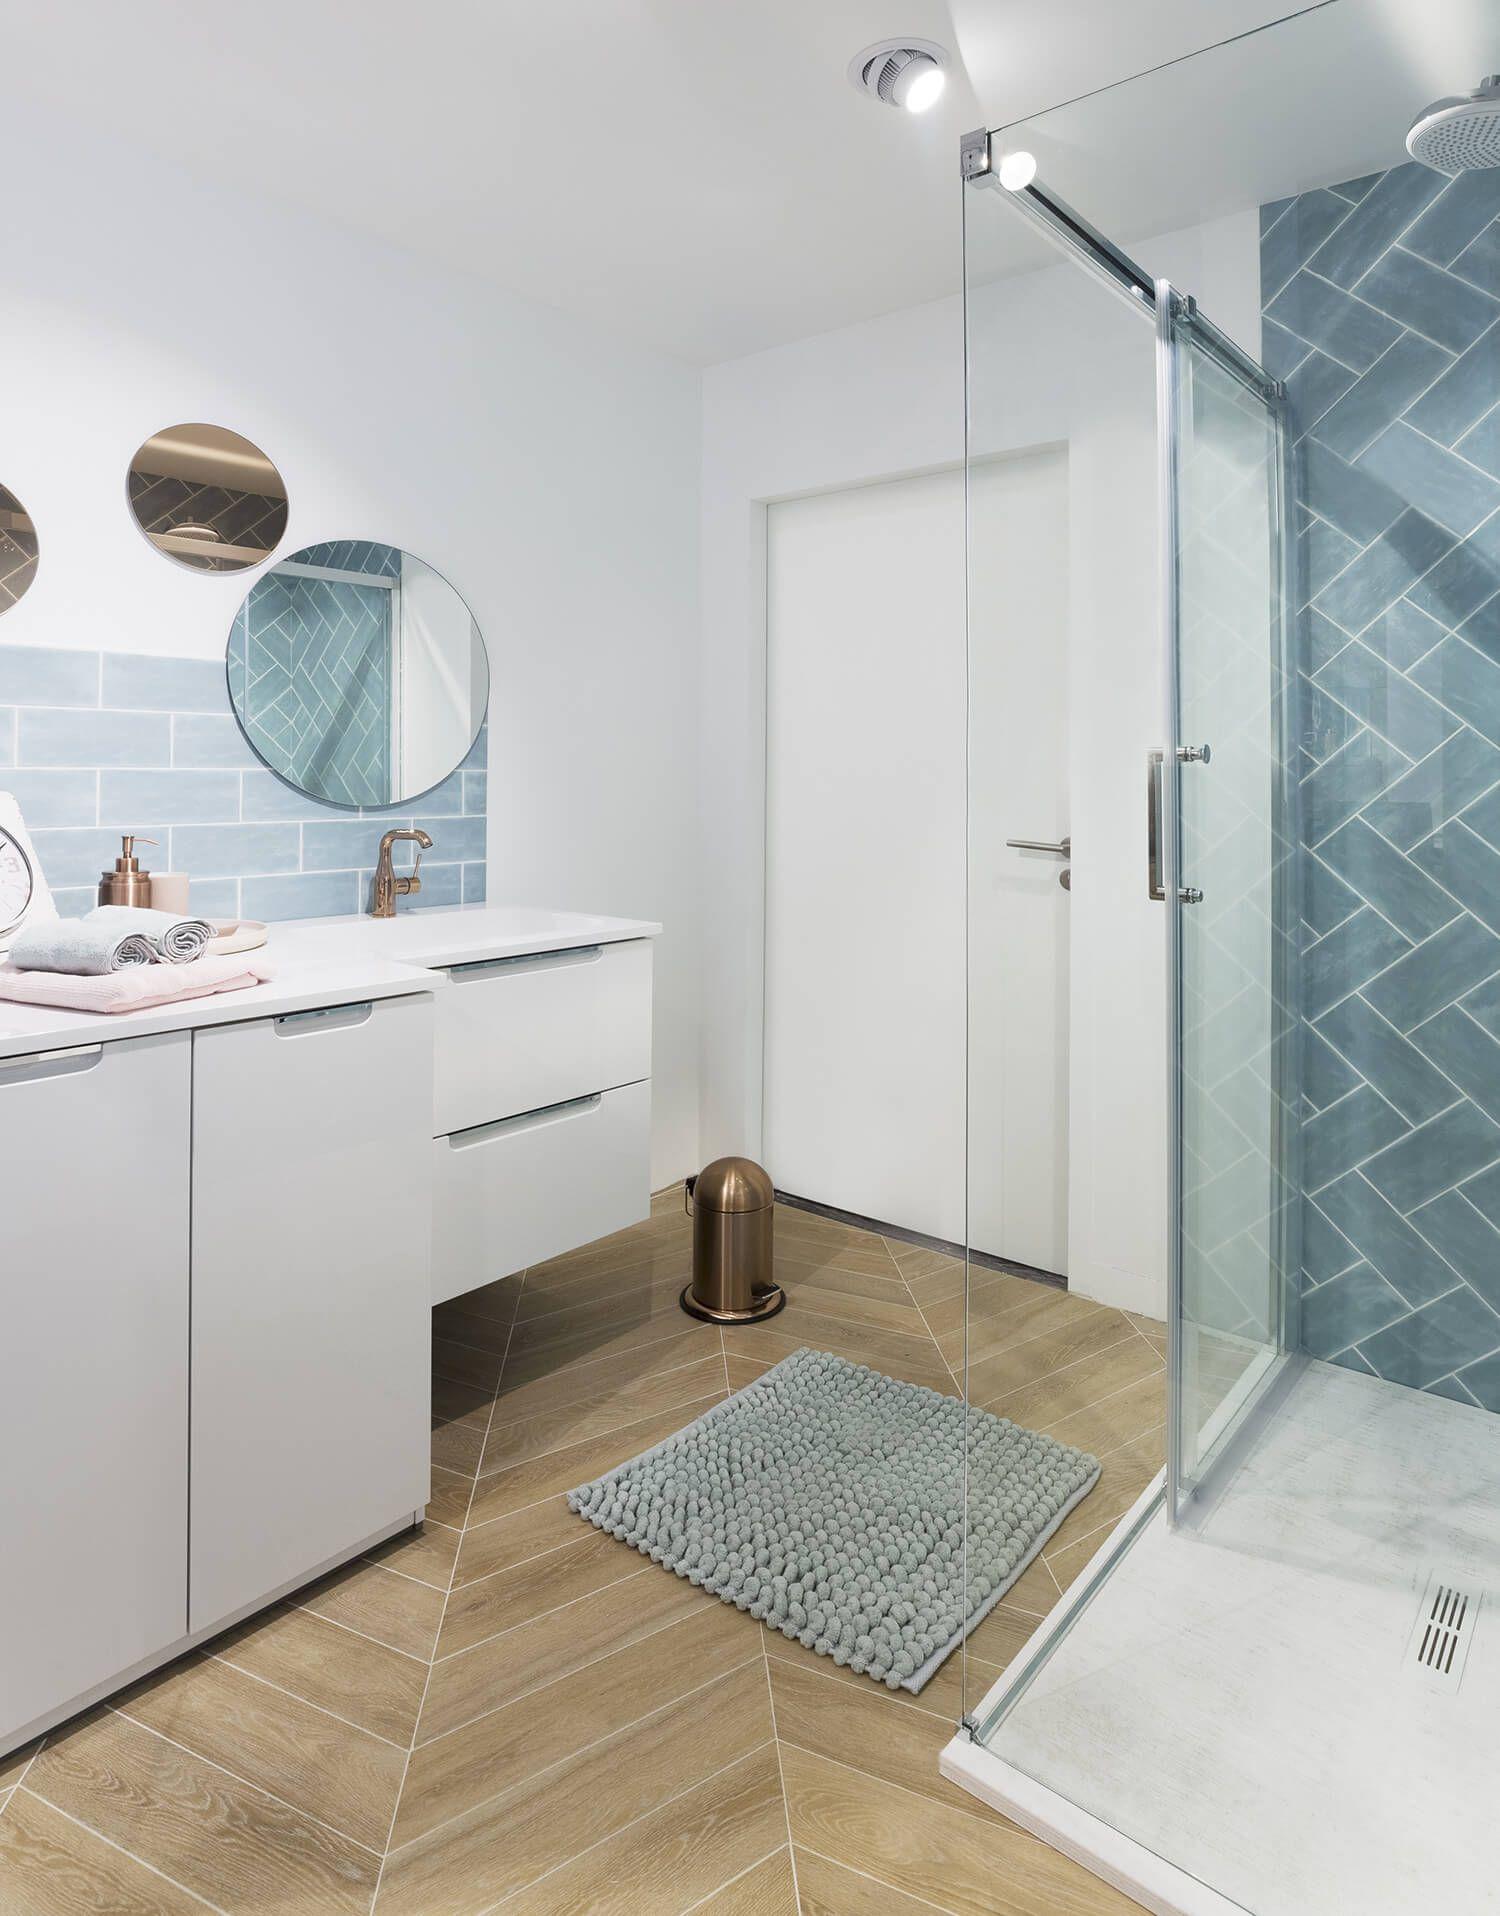 Envie De Salle De Bain Un Lieu Inspirant Au Coeur De Paris - Envie de salle de bain